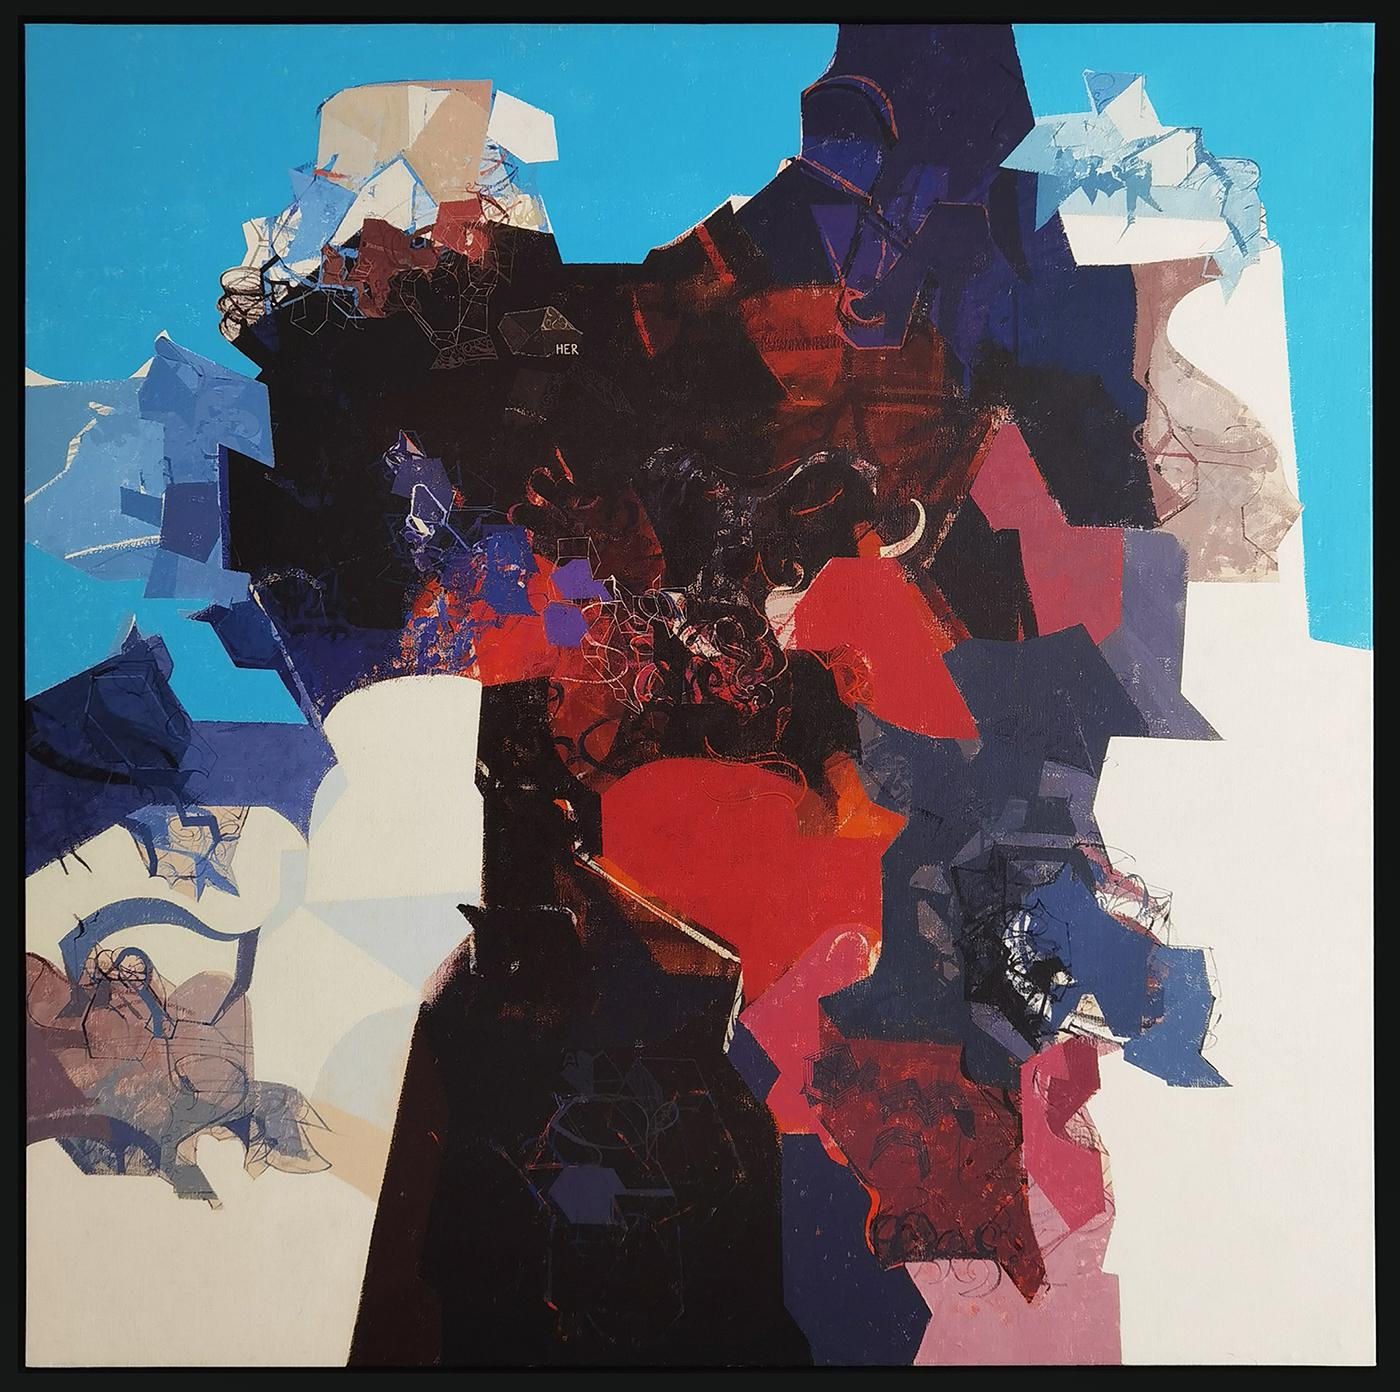 Her on Snow, acrílico sobre tela, 160 x 160 cm, 2006